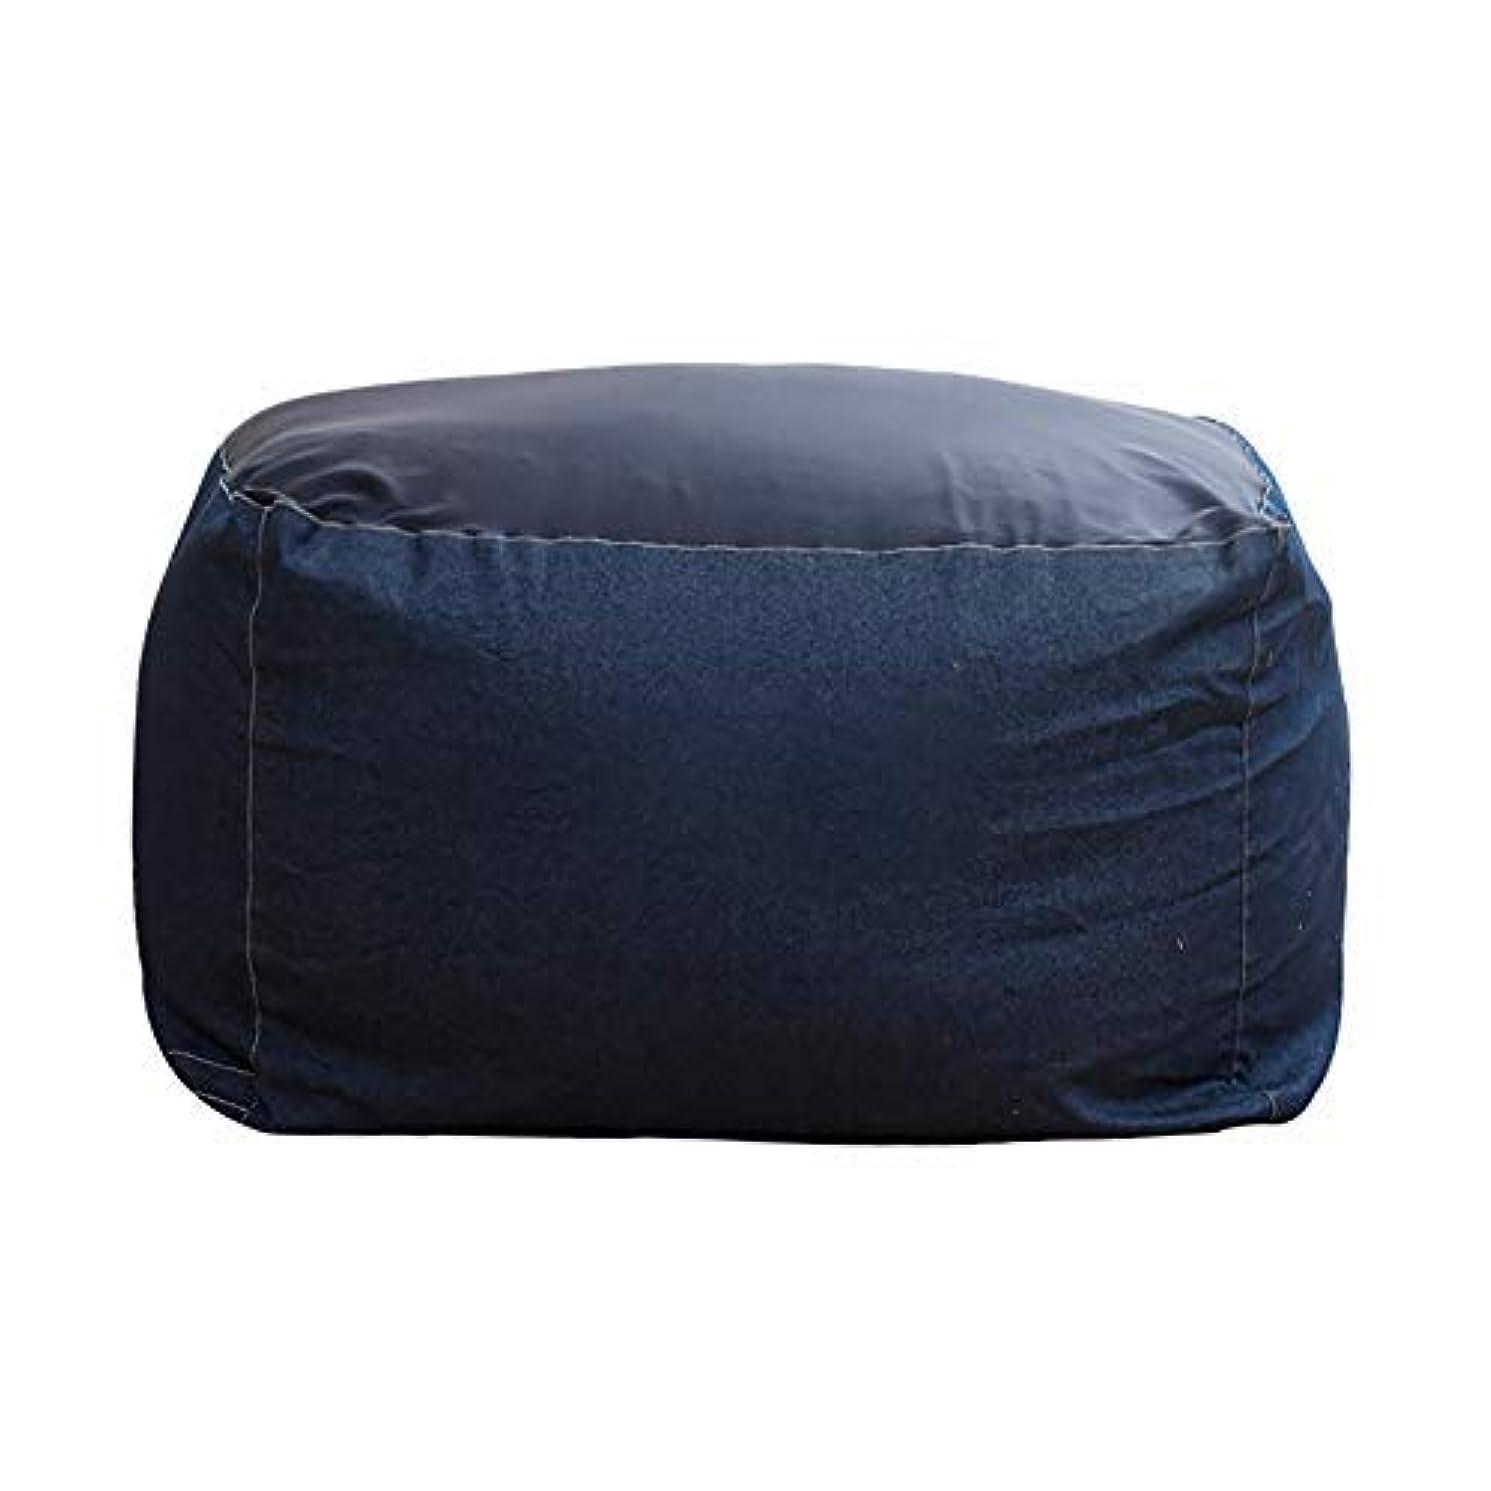 傾斜あまりにも海岸ビーズクッション 座布団 人をダメにするソファ もちもち 低反発 疲労を軽減 伸縮 軽量 洗えるクッション 取り外し可能 55x55x38cm デニムブルー